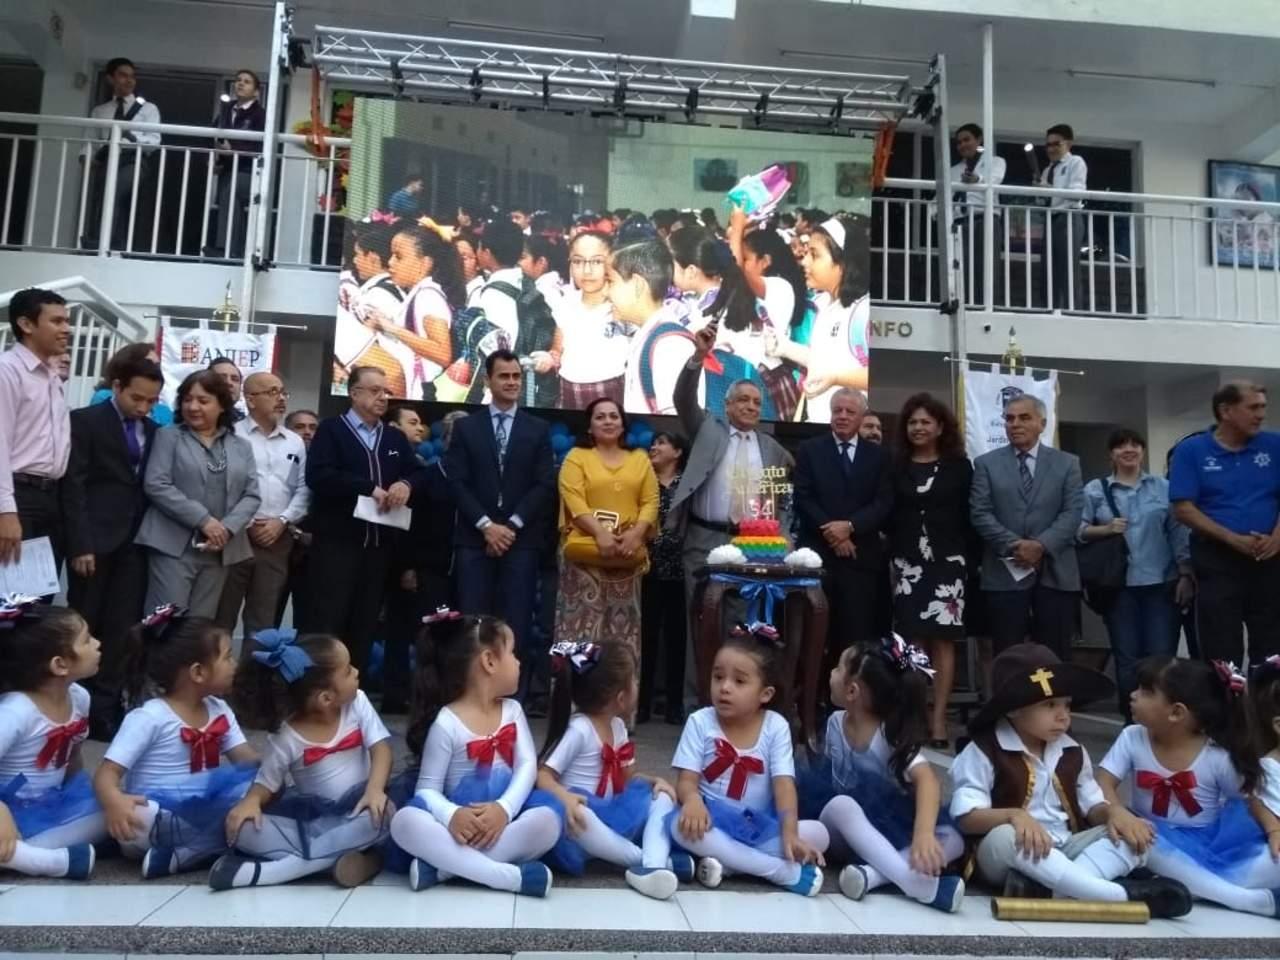 Celebra Colegio América de Torreón 54 años de historia